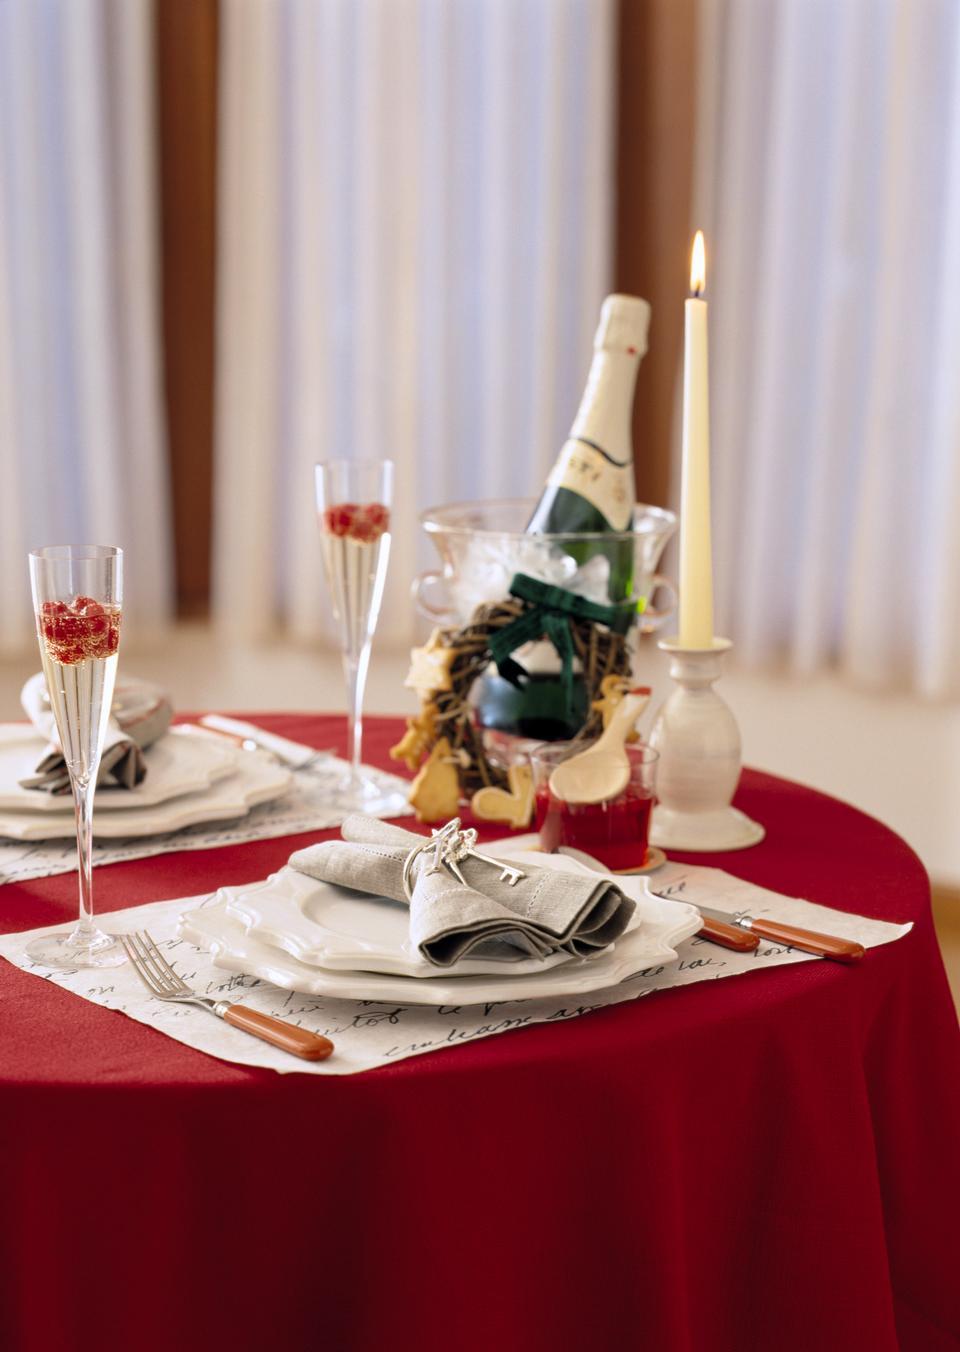 Tischdeko mit Champagne. Celebration.